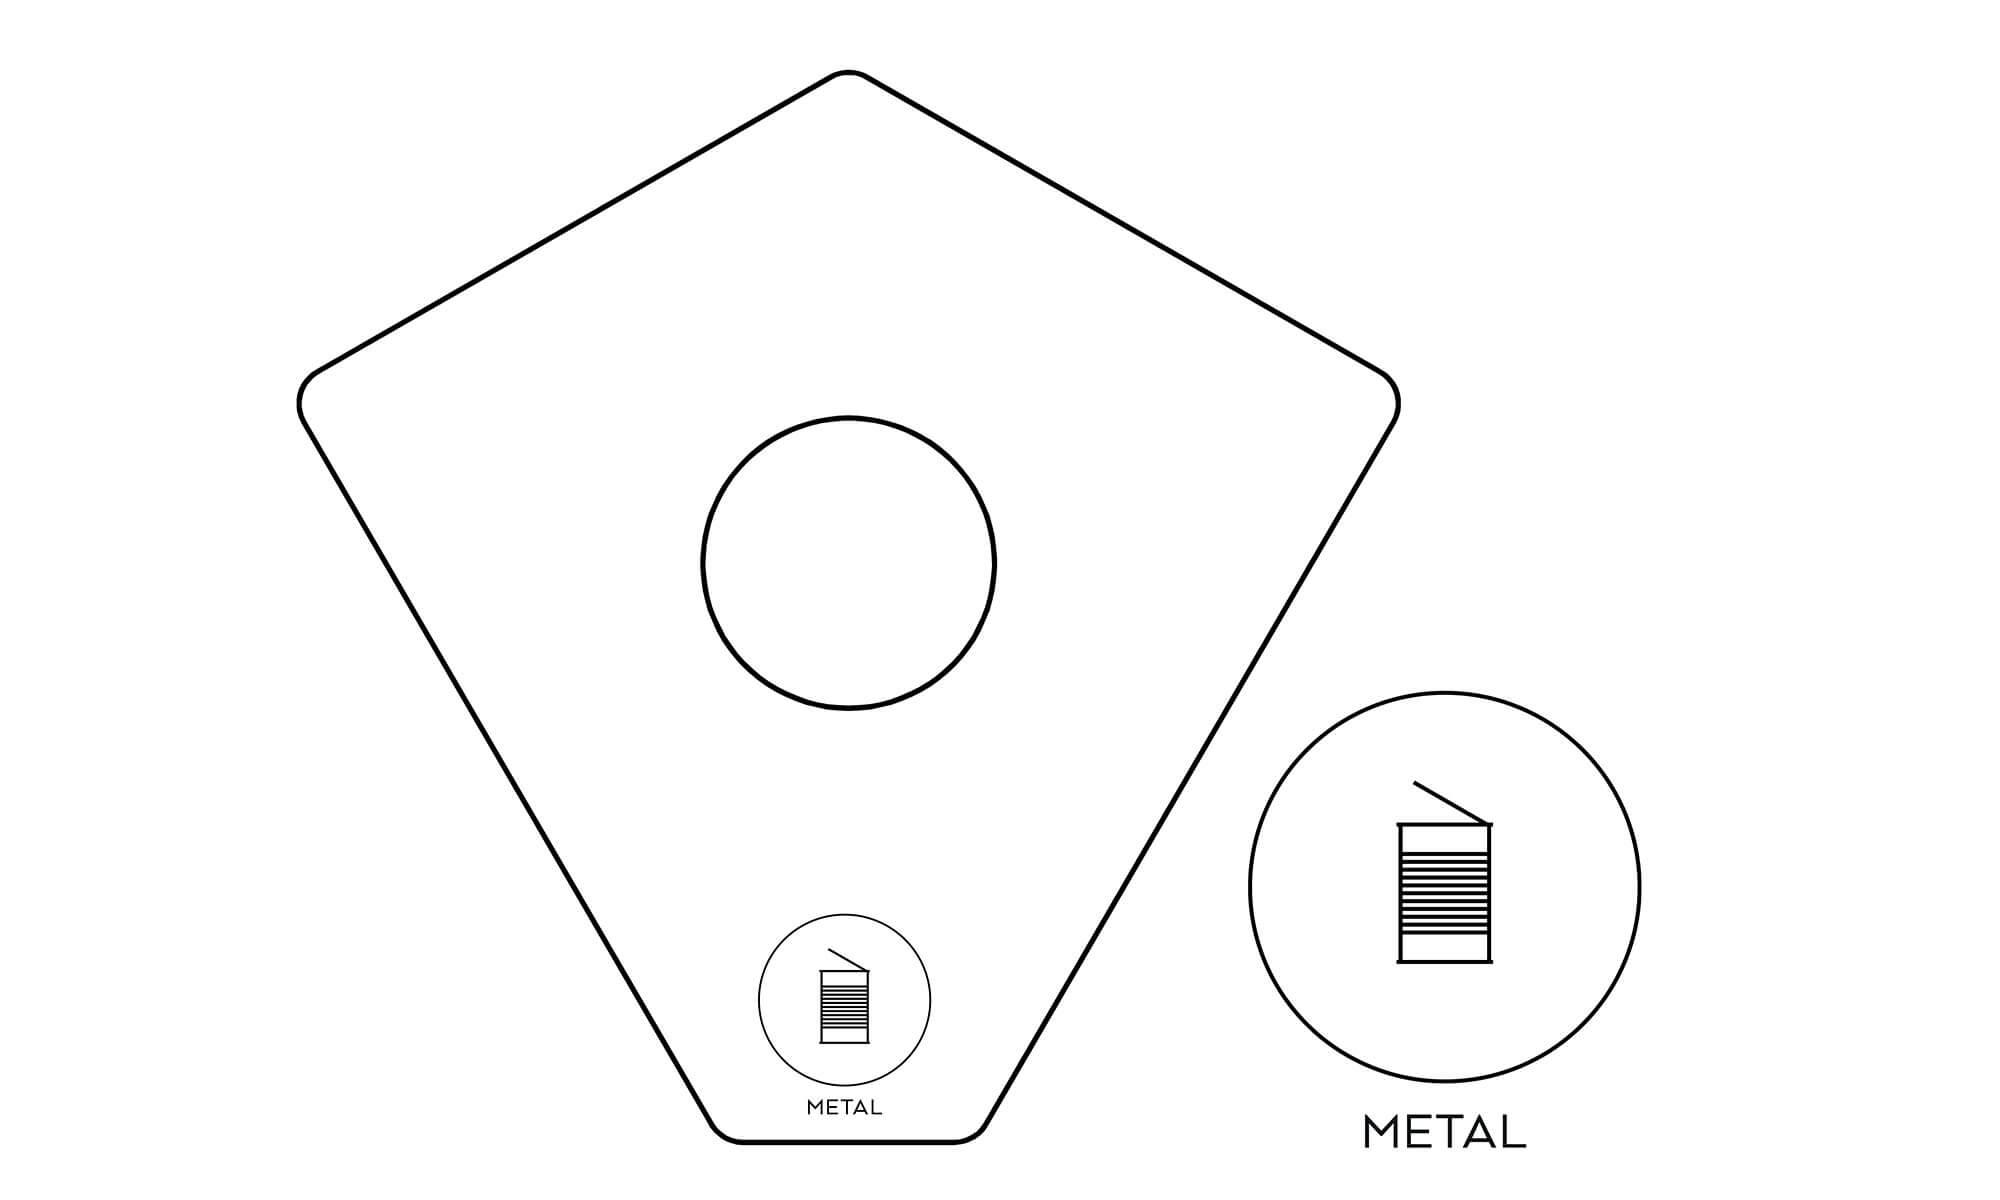 källsortering metall förpackningar konservburkar kite recycling metal